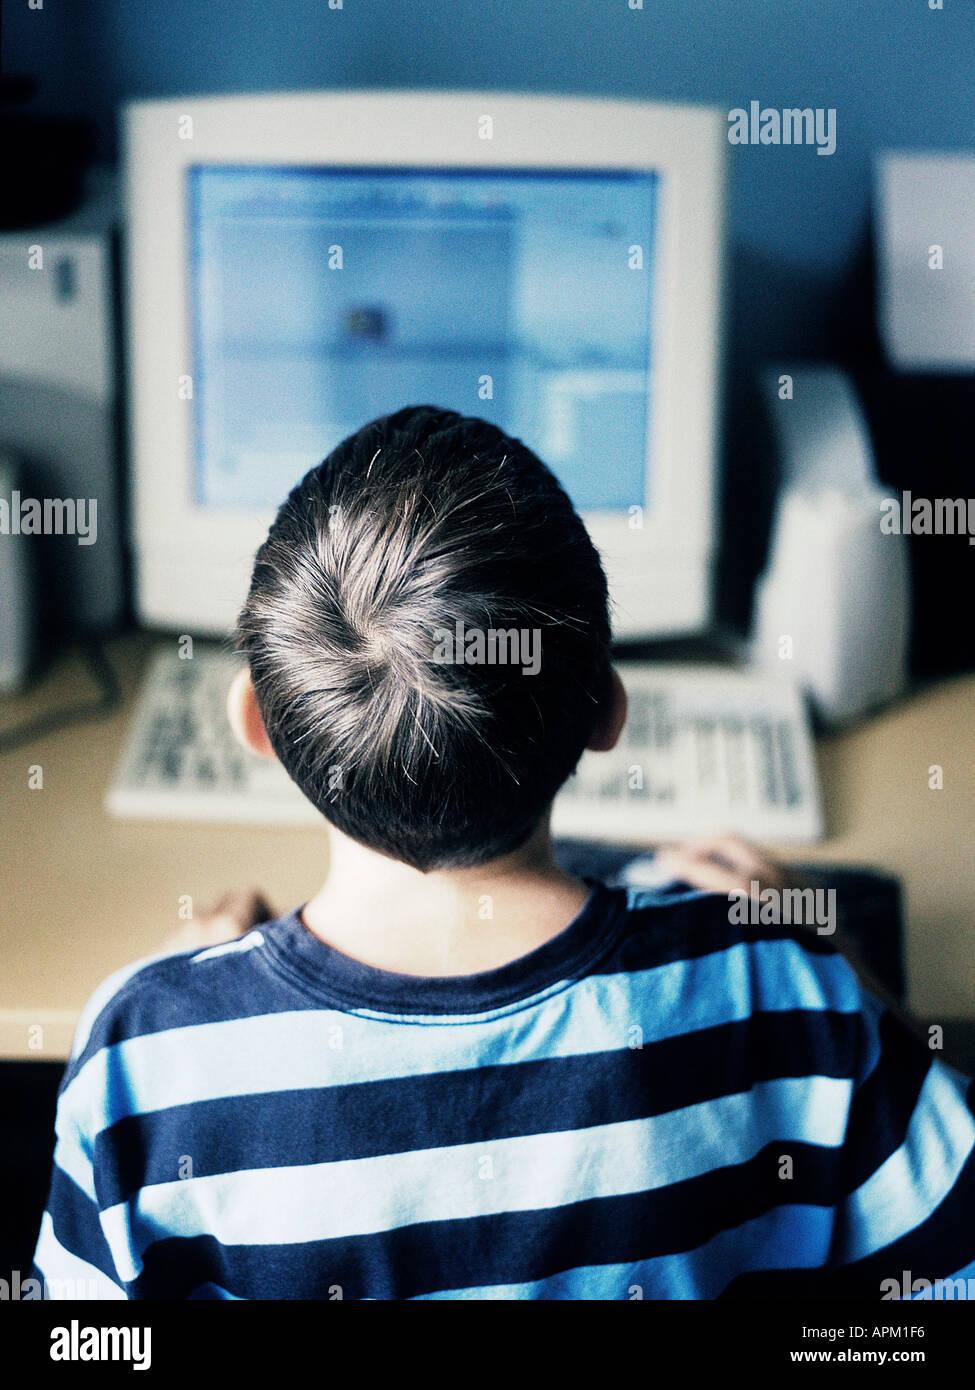 Vista posteriore di un bambino utilizzando un computer Immagini Stock